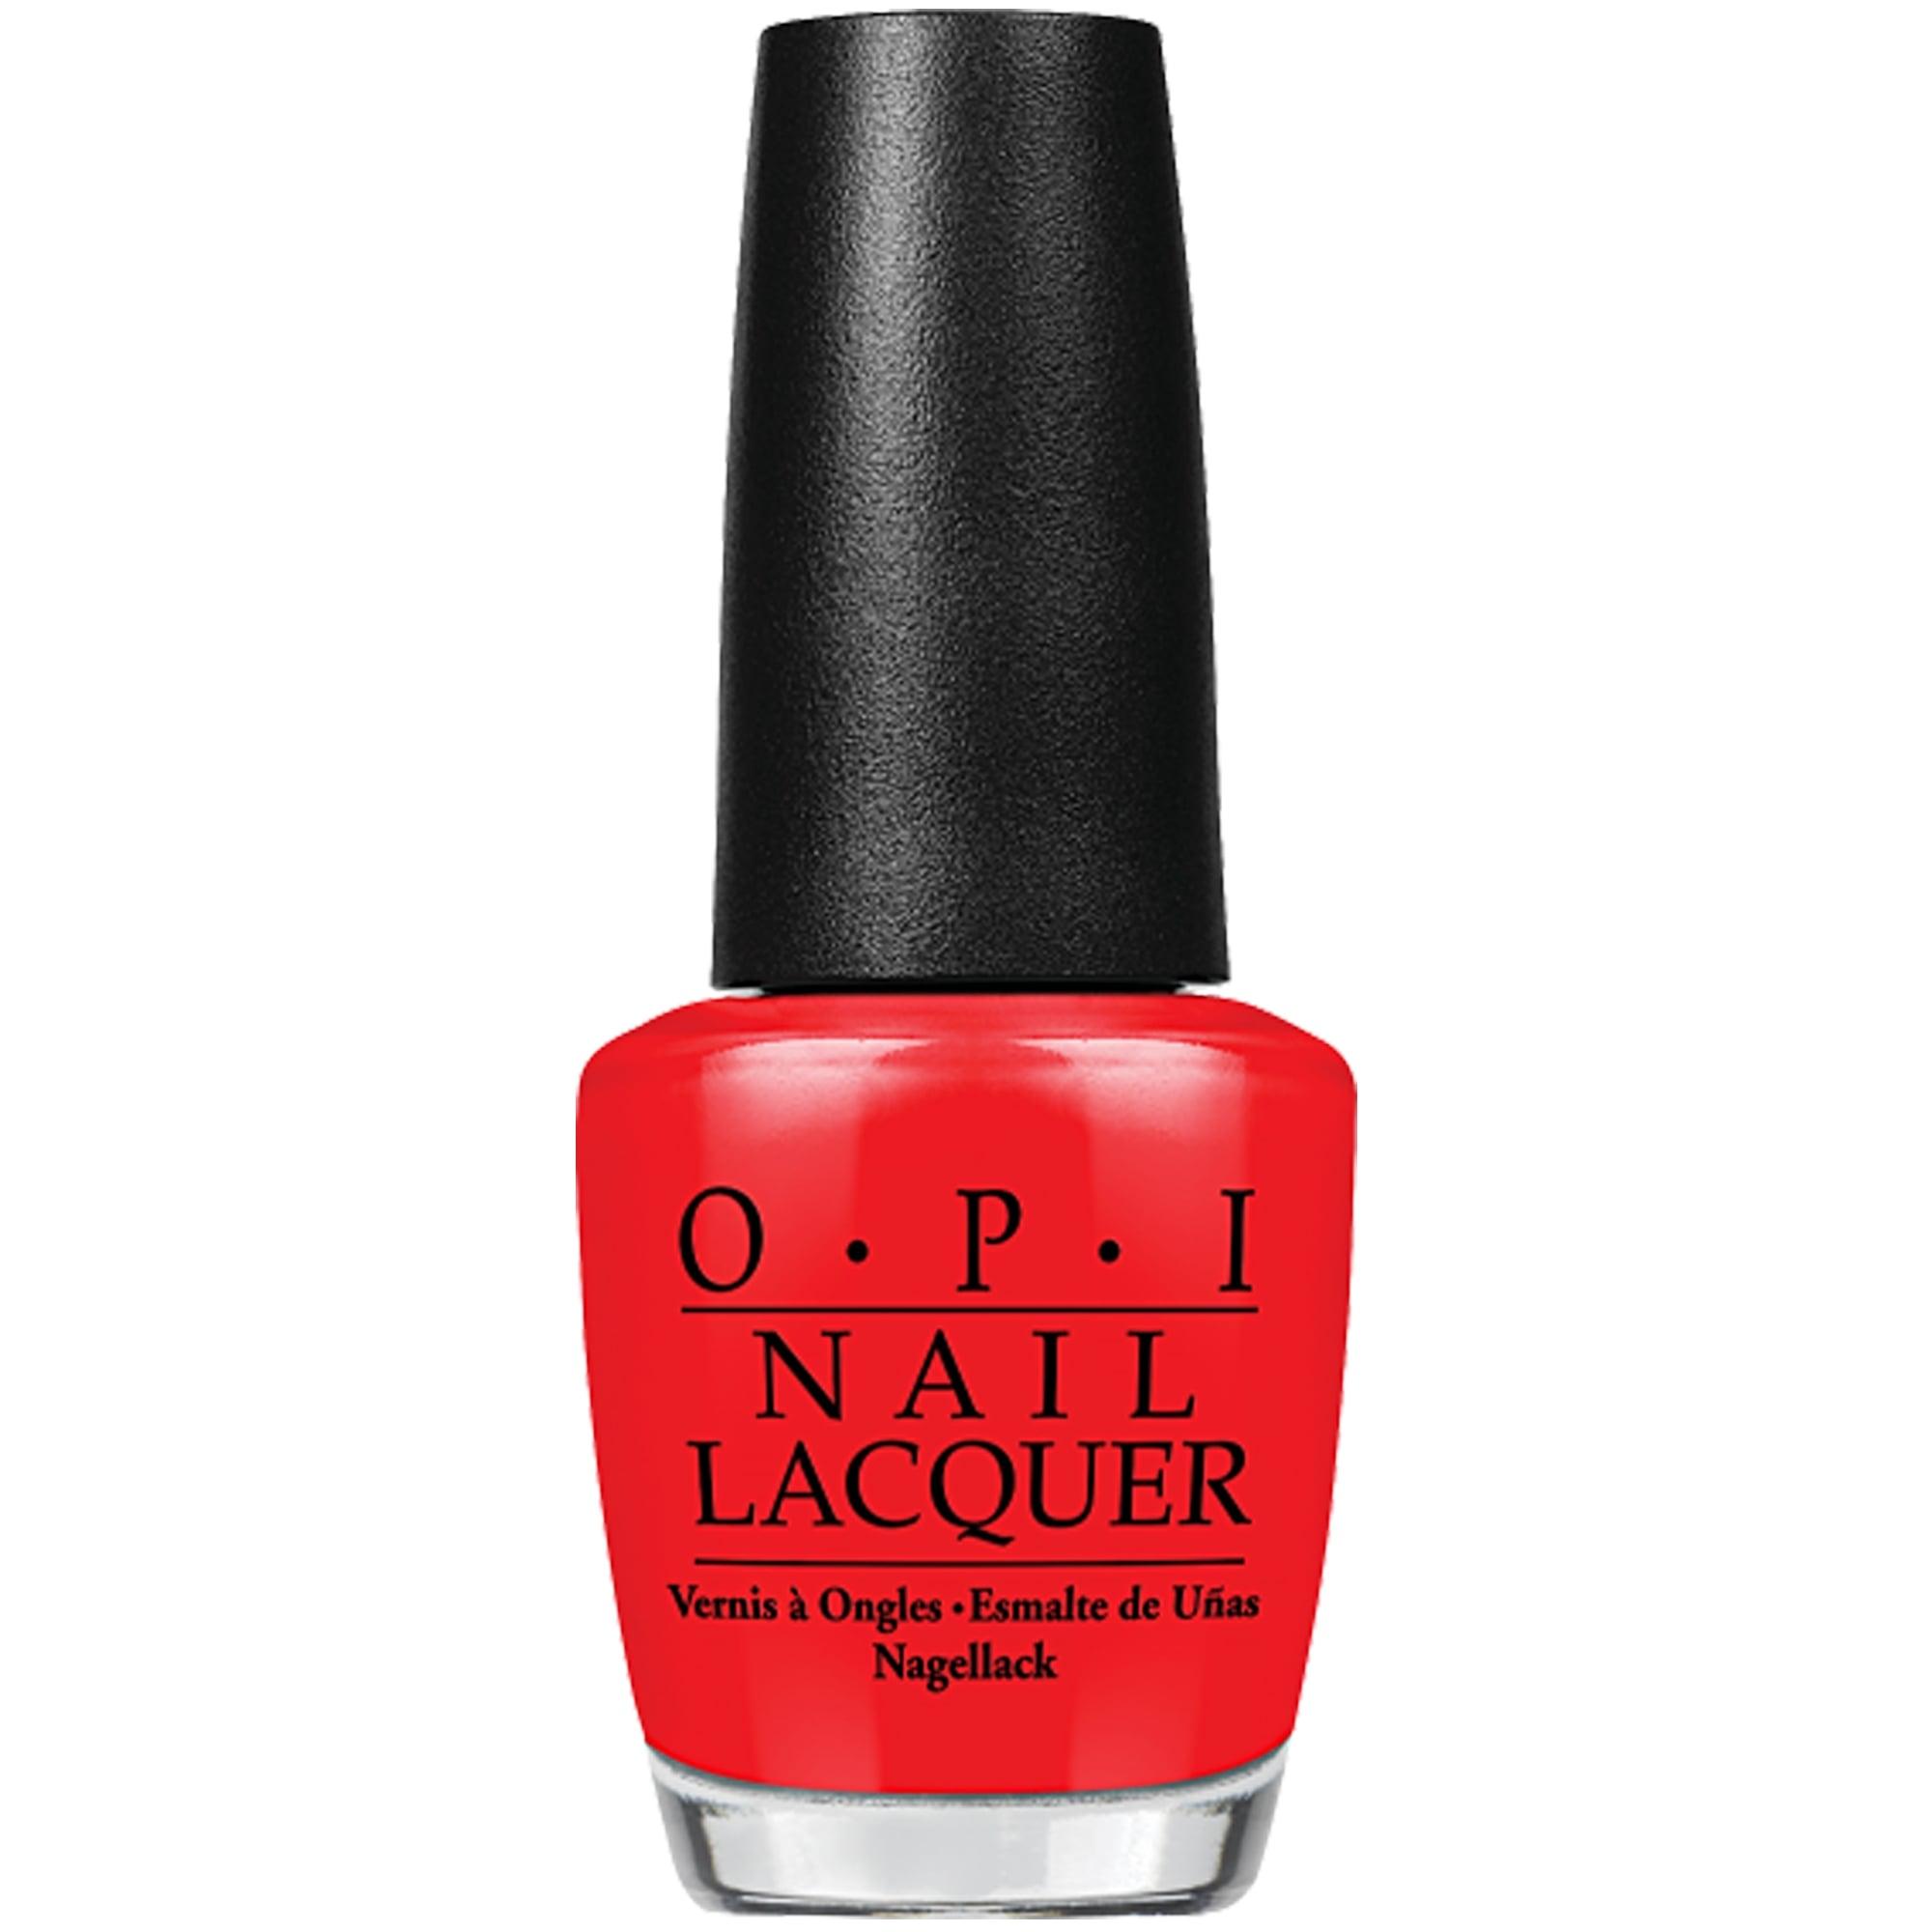 OPI - Nail Polish 15 ml - Big Apple Red